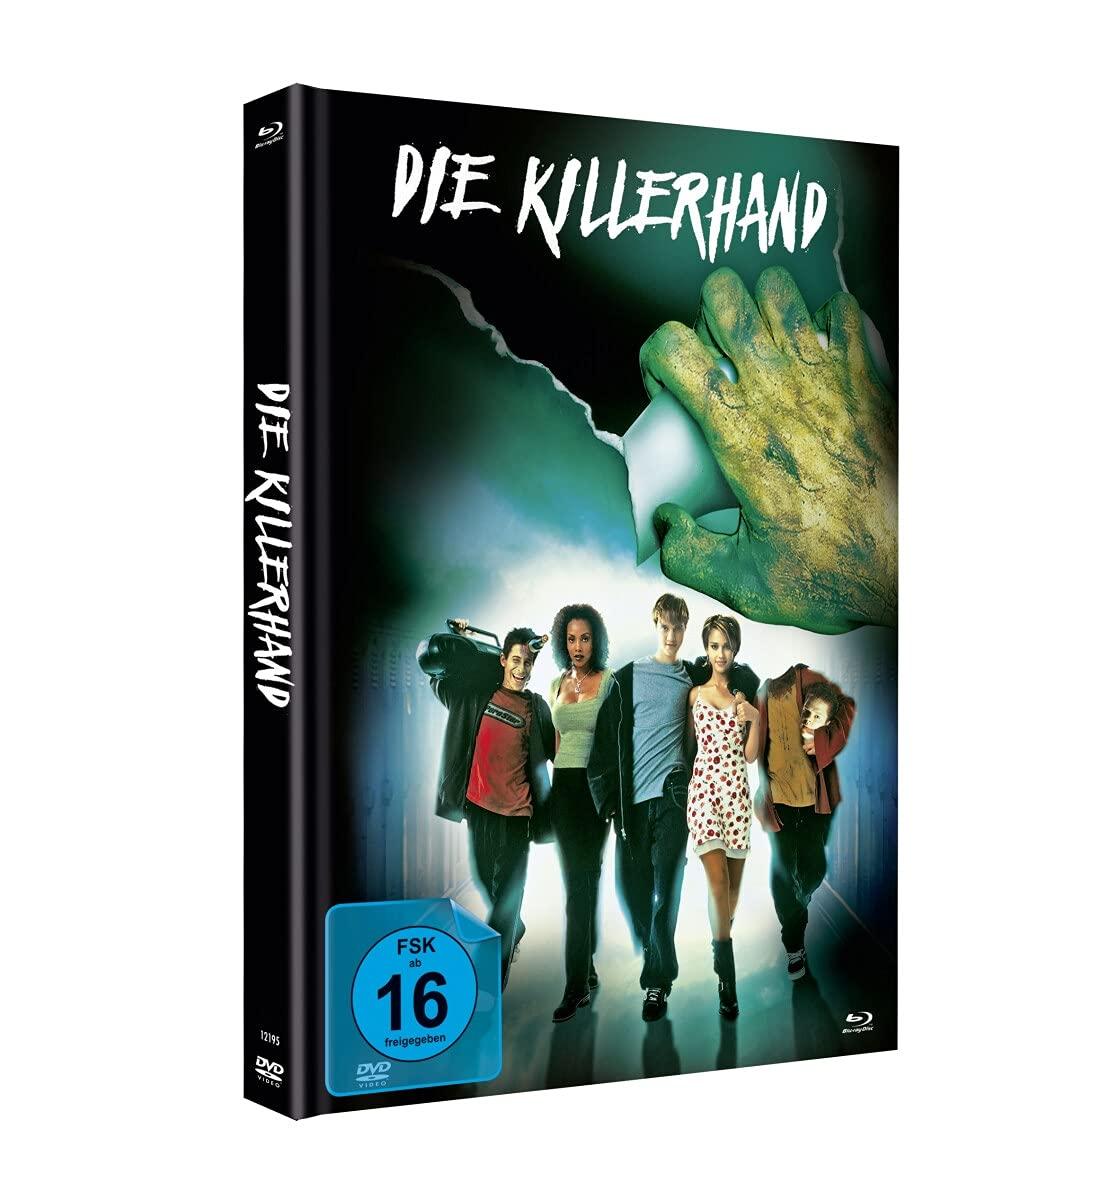 DVD/BD Veröffentlichungen 2021 - Seite 10 61iIARA4YZL._SL1200_